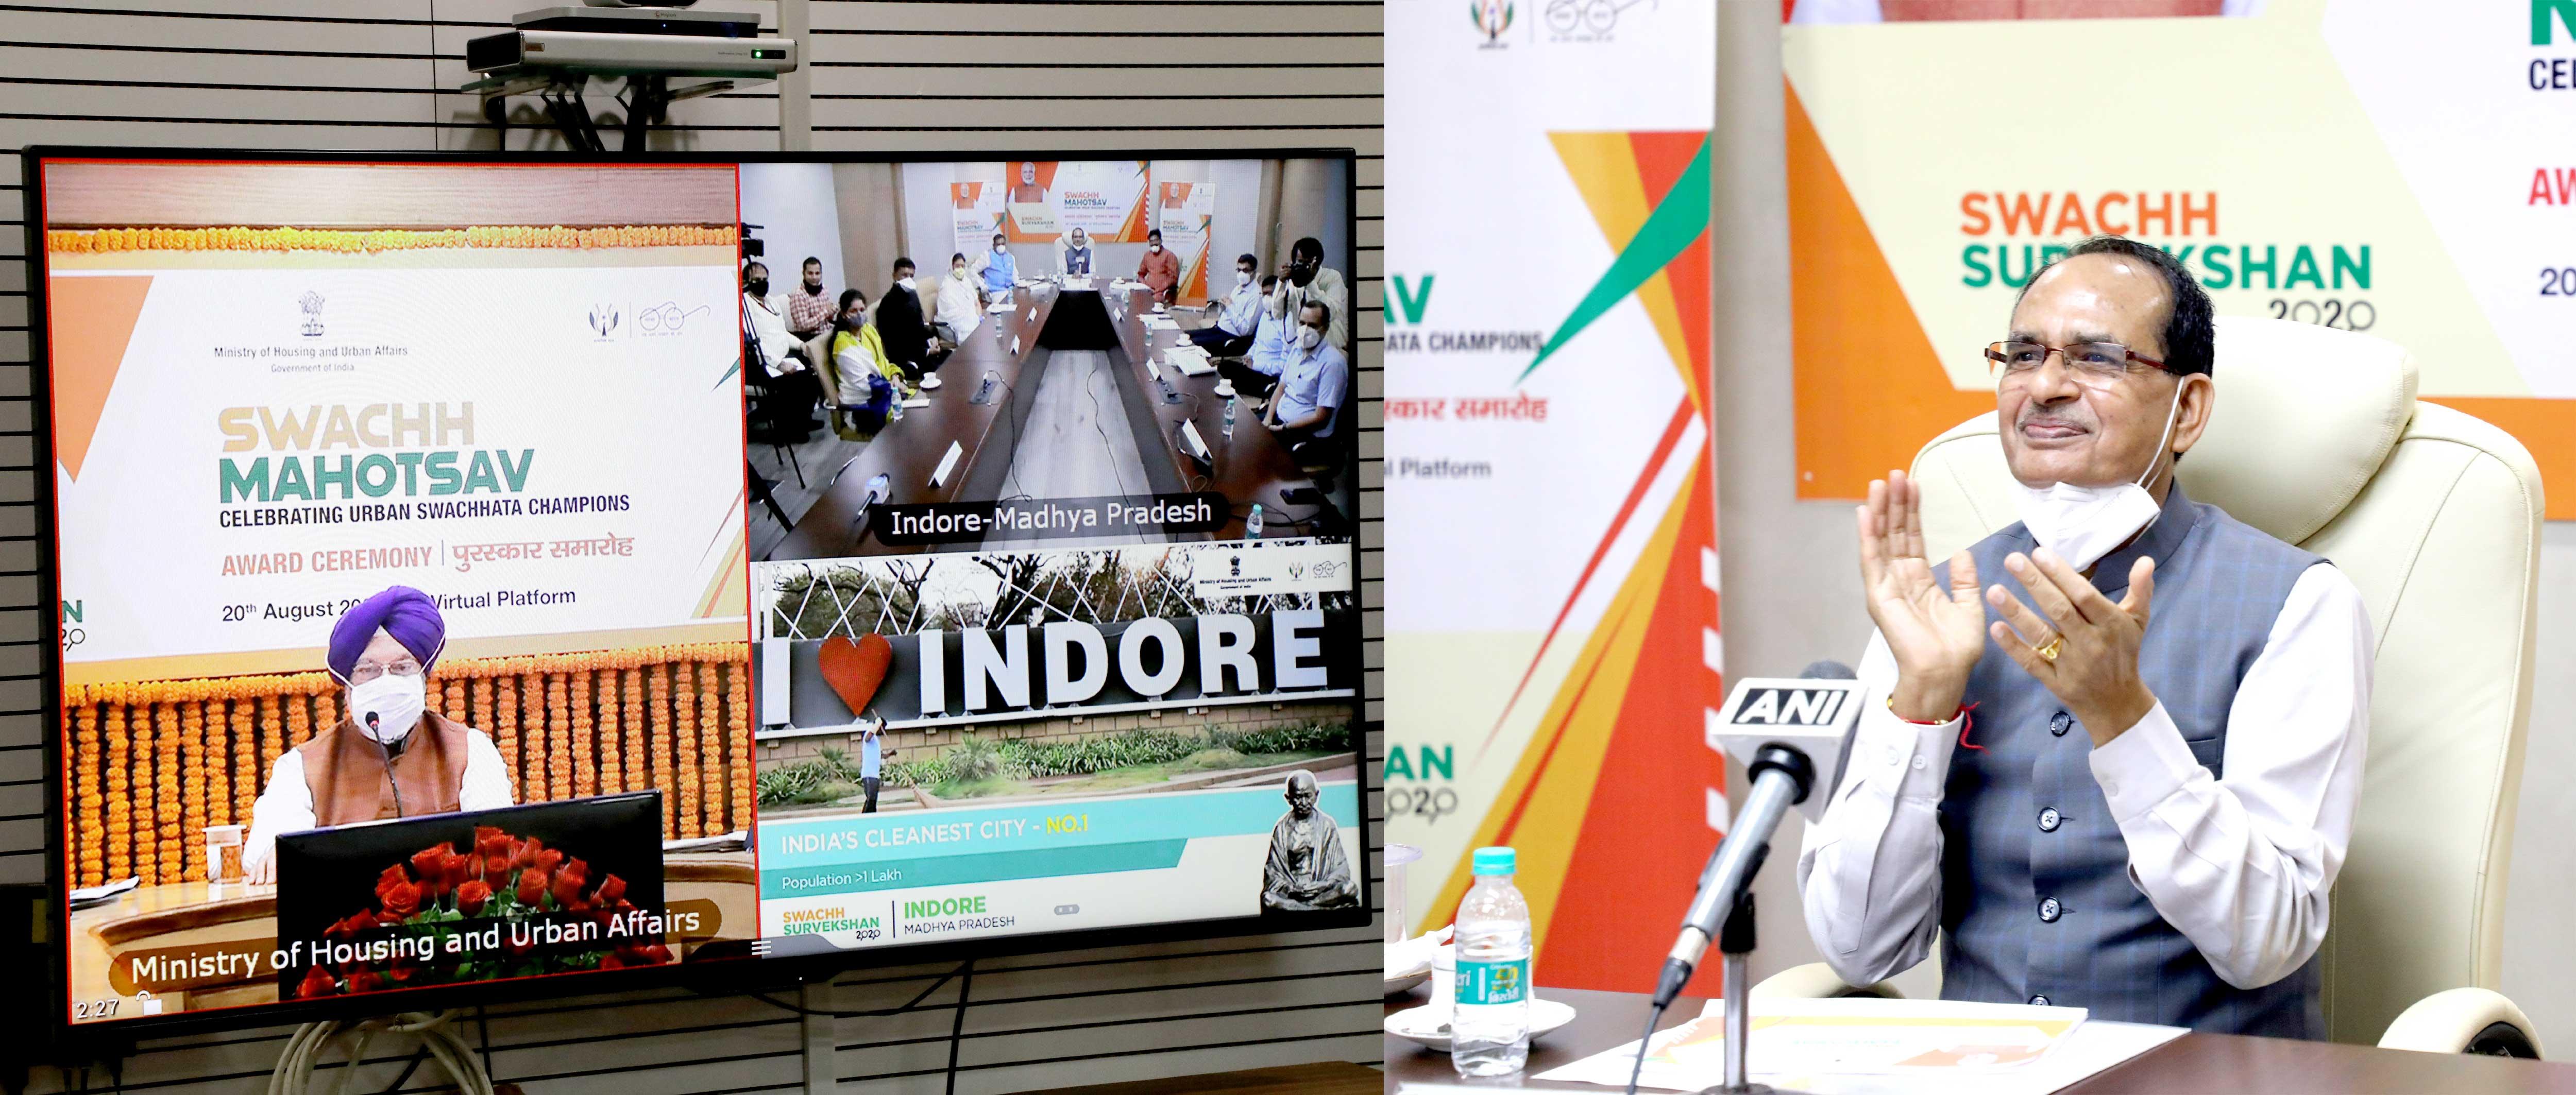 स्वच्छ सर्वेक्षण-2020 में इन्दौर को देश का स्वच्छतम शहर और भोपाल को बेस्ट सेल्फ सस्टेनेबिल कैपिटल का पुरस्कार मिलने पर प्रसन्नता व्यक्त करते हुए मुख्यमंत्री श्री शिवराज सिंह चौहान।